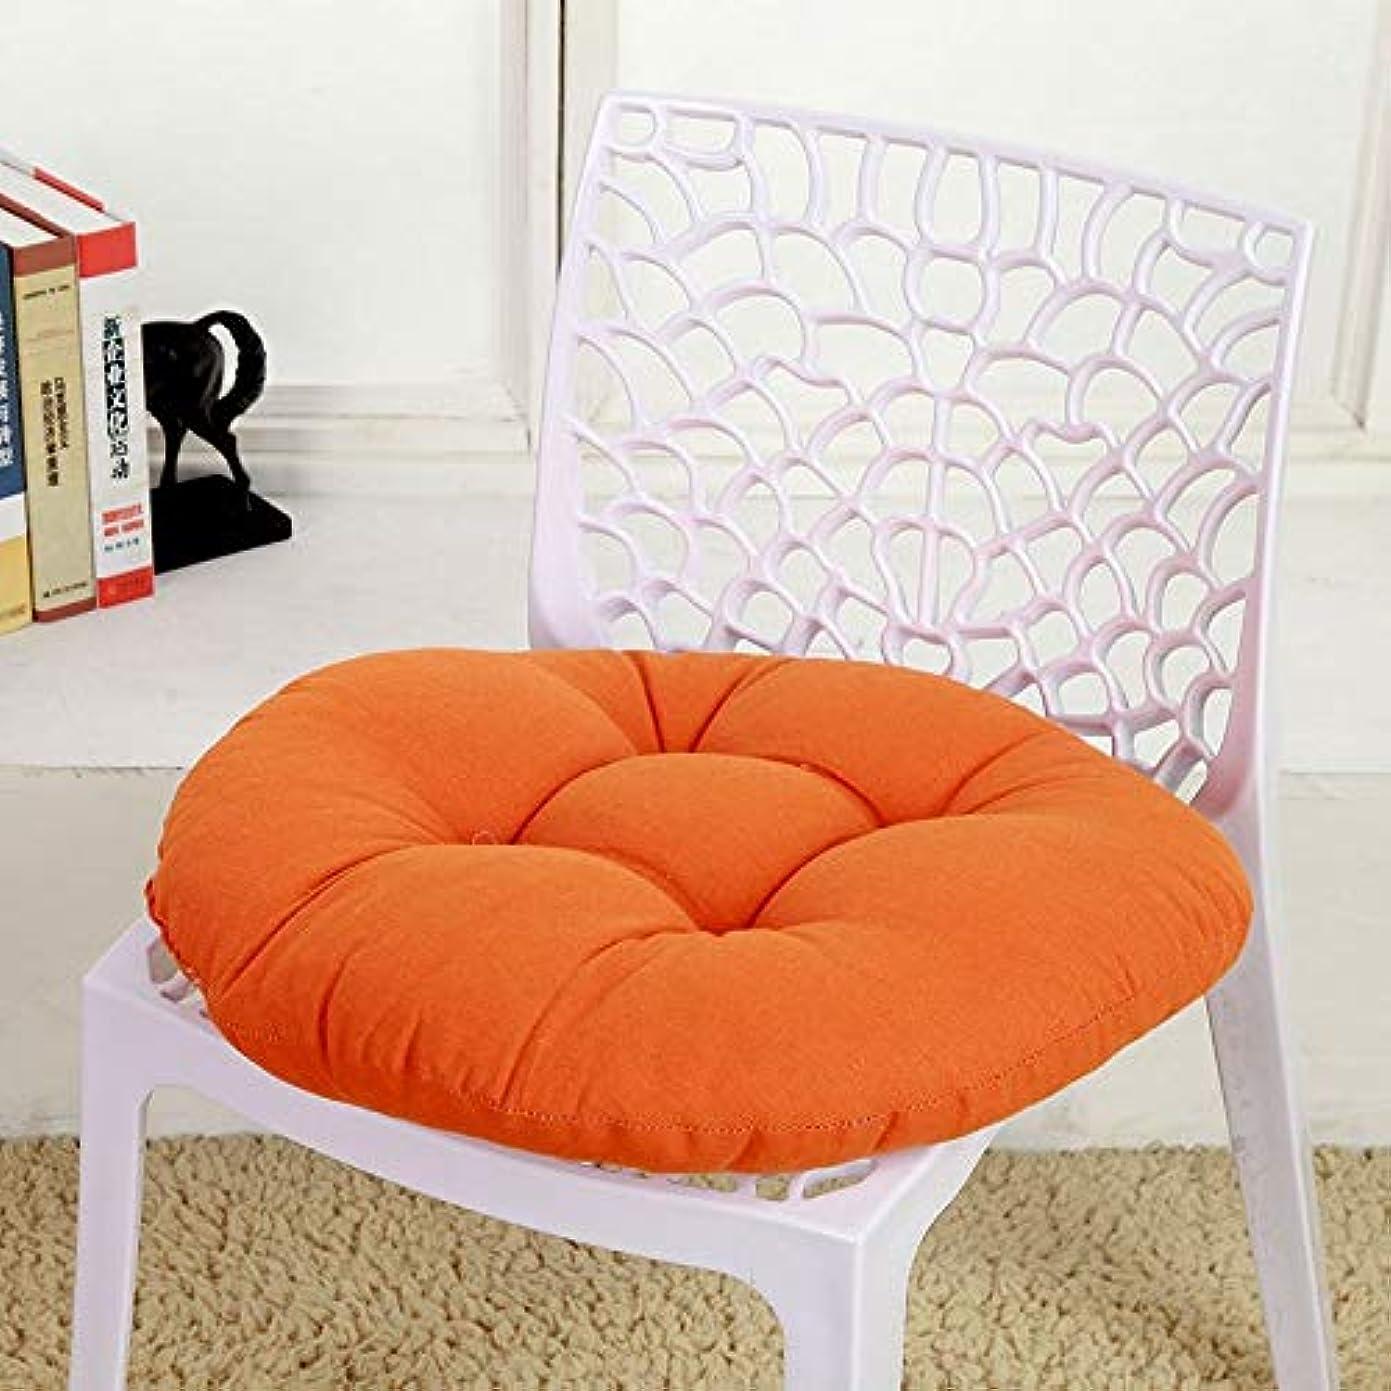 ハウジング分析懸念LIFE キャンディカラーのクッションラウンドシートクッション波ウィンドウシートクッションクッション家の装飾パッドラウンド枕シート枕椅子座る枕 クッション 椅子